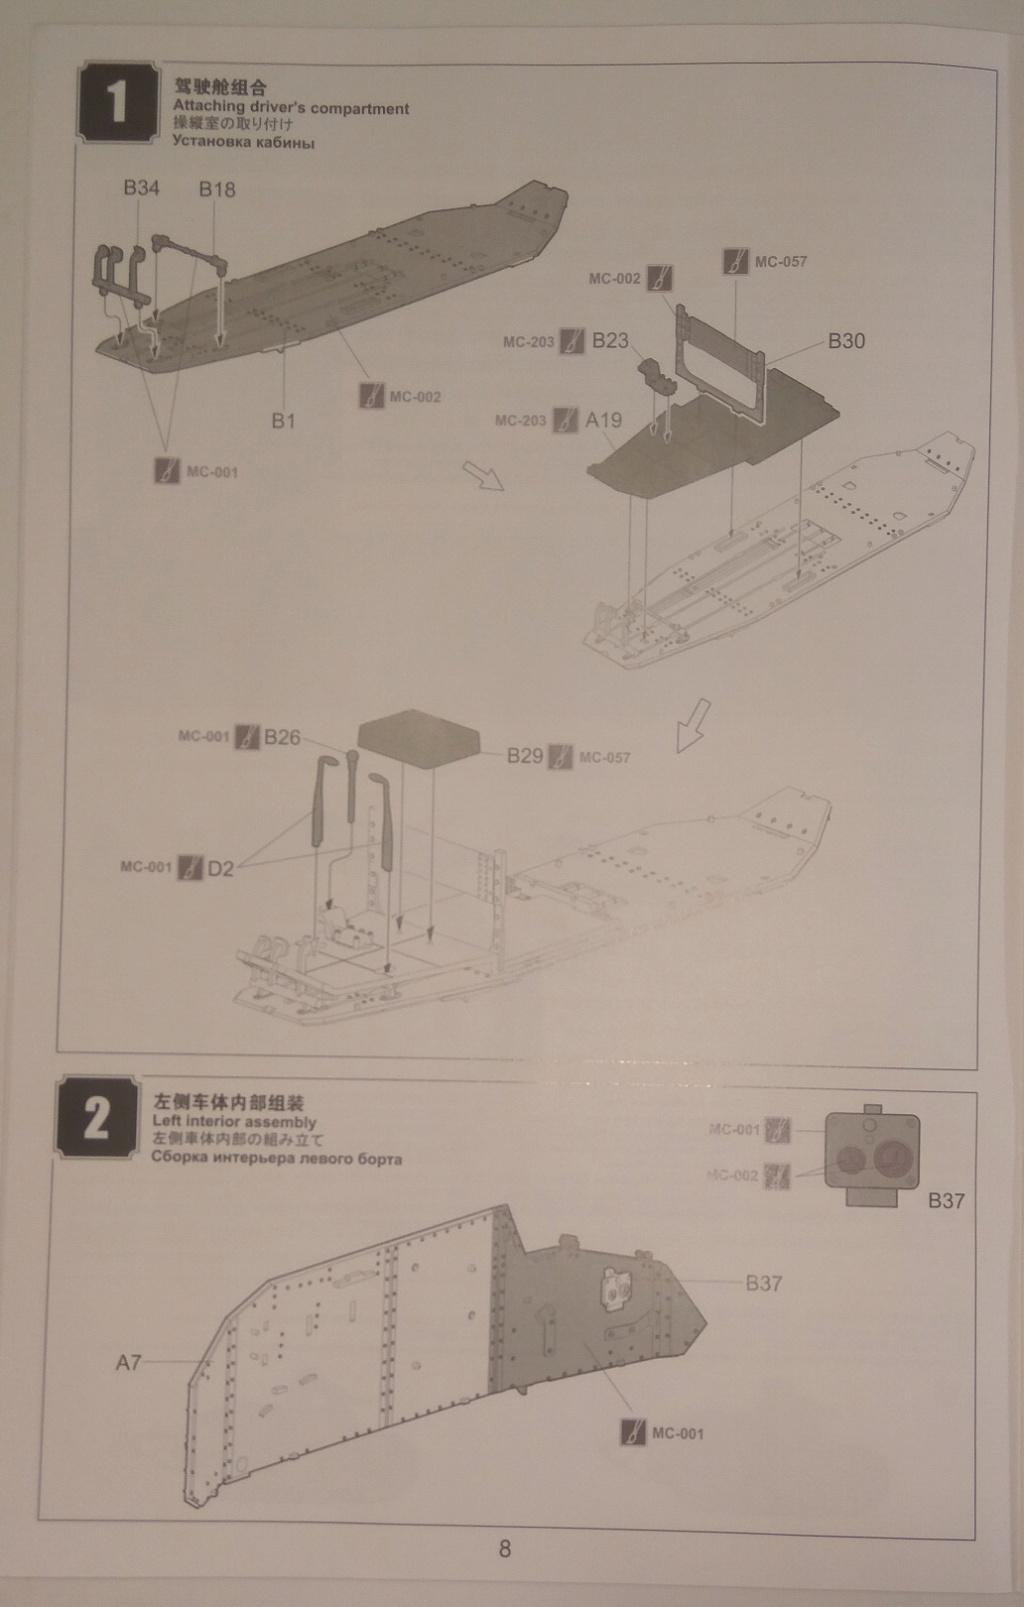 обзор лёгкий танк РЕНО FT-17 1:35 MENG TS-011 0910